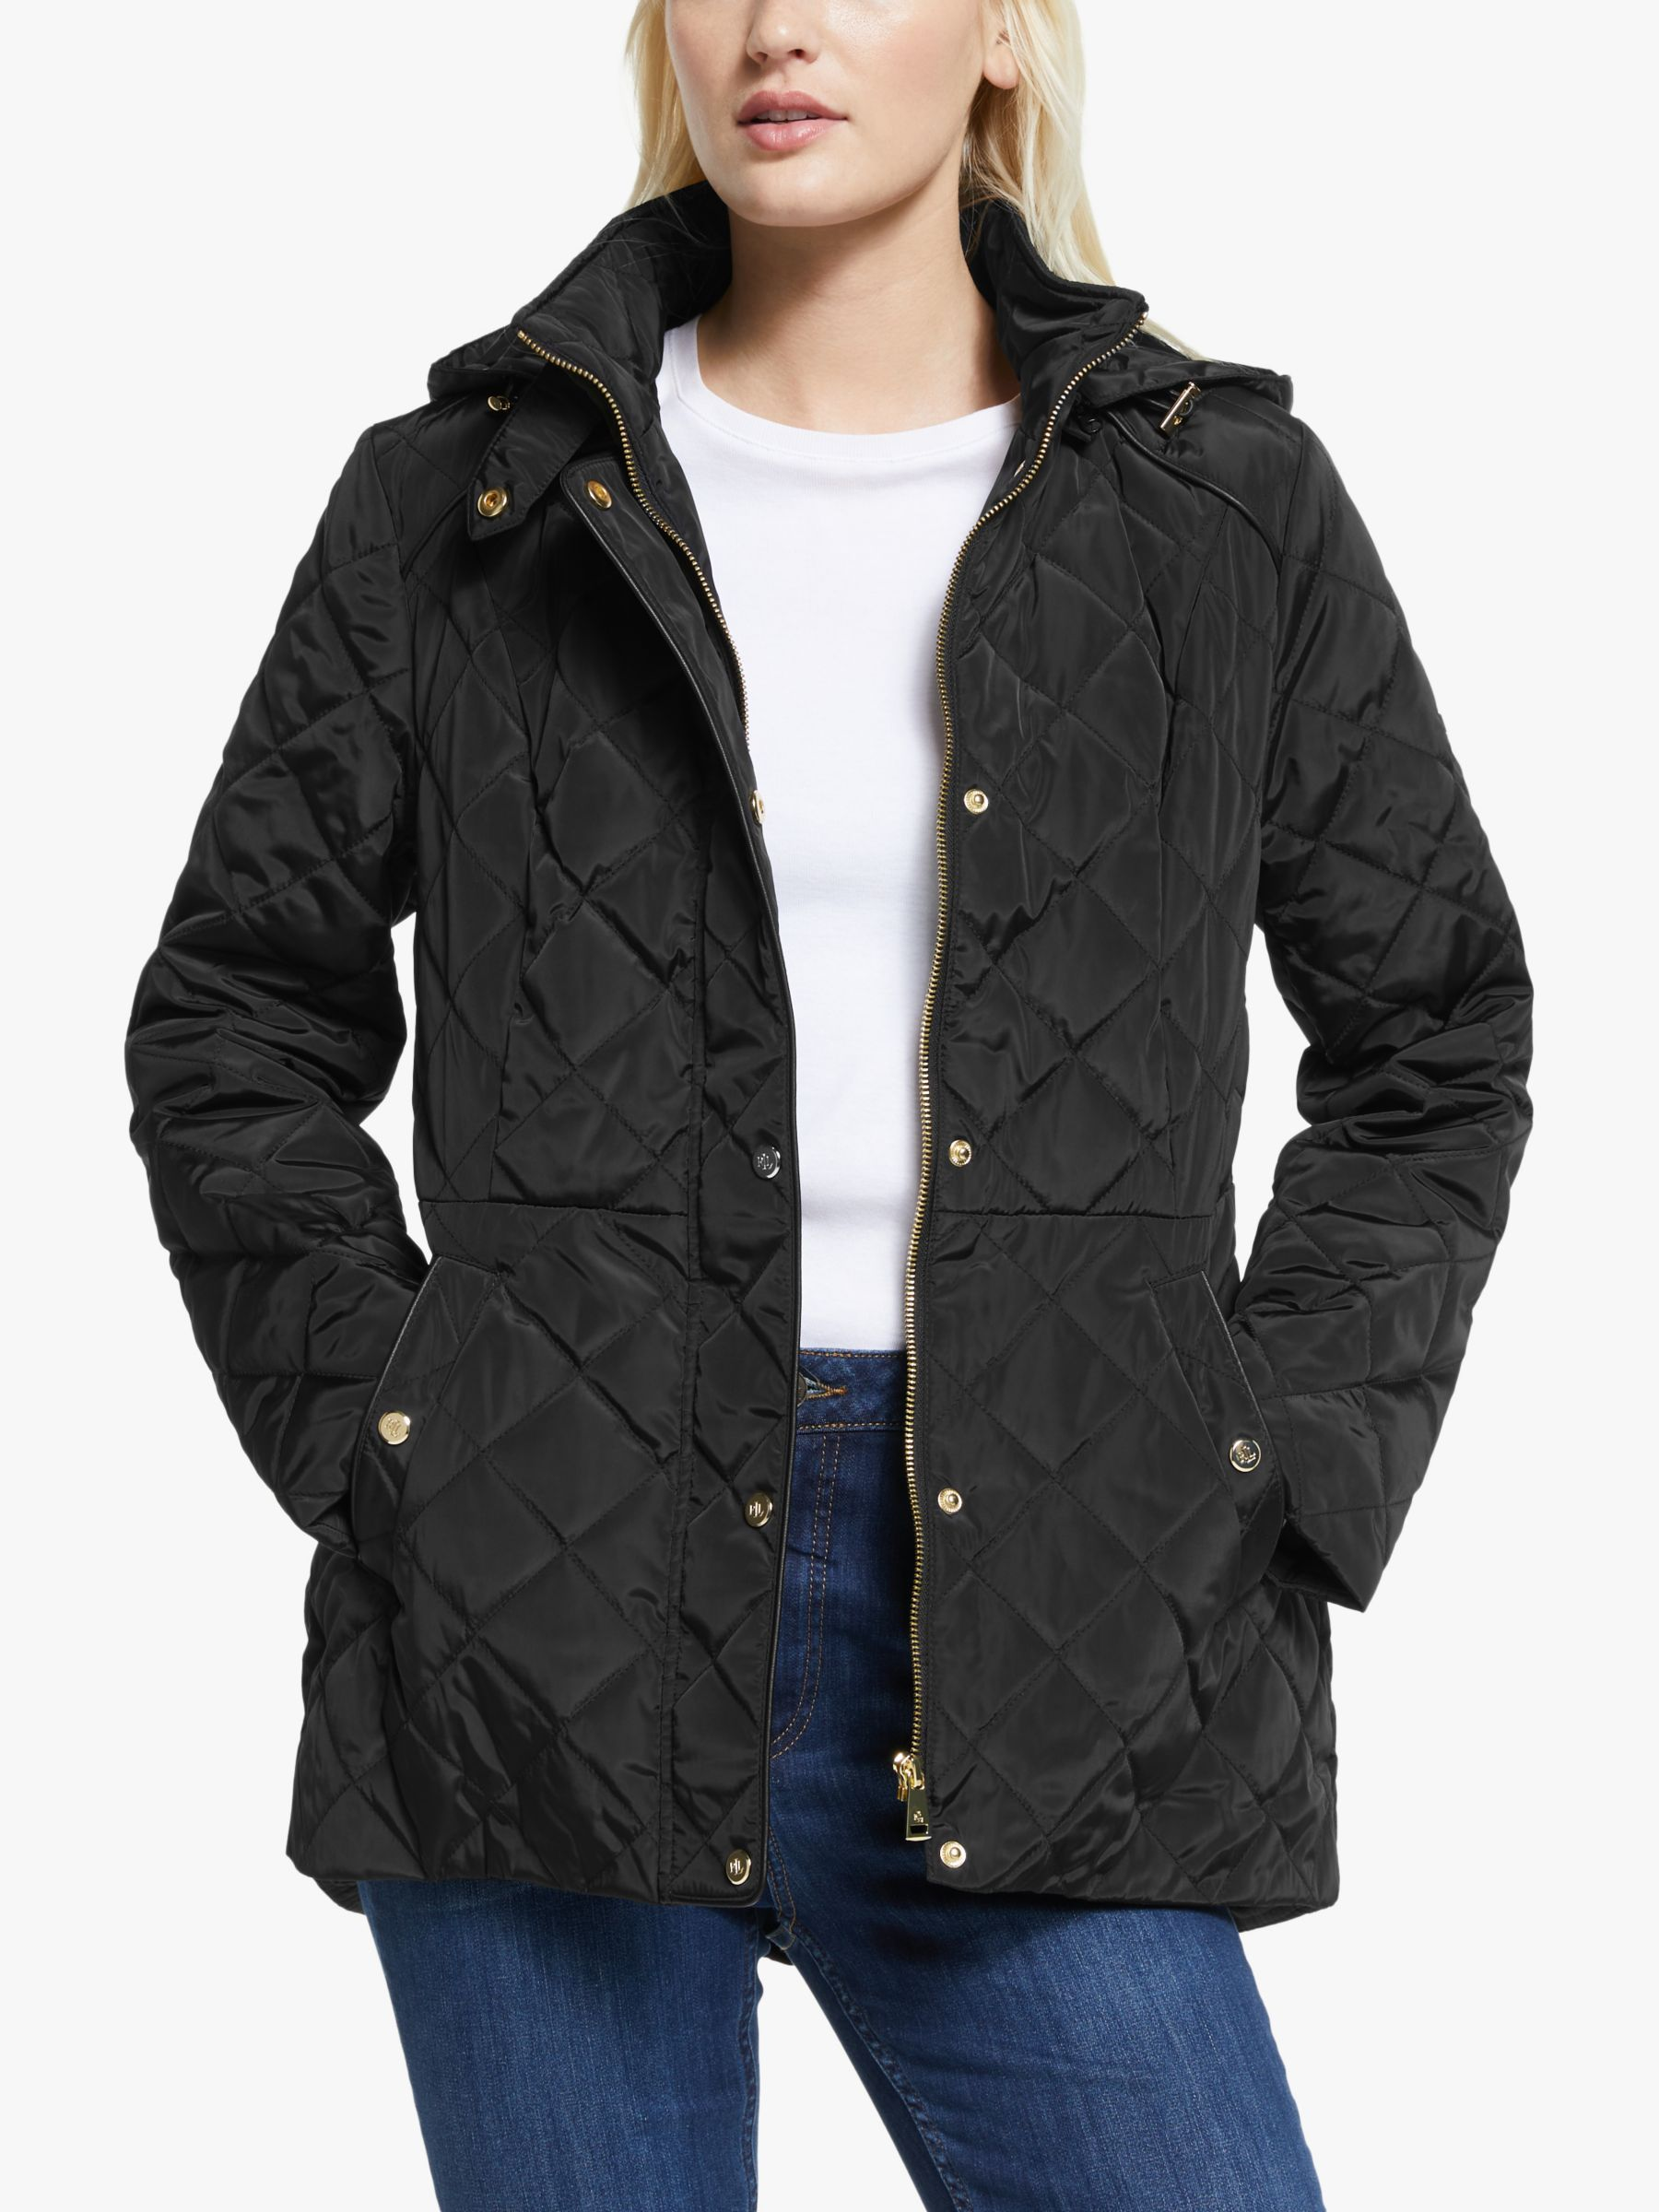 Lauren Ralph Lauren Moto Quilted Jacket Black In 2020 Quilted Jacket Jackets Ralph Lauren